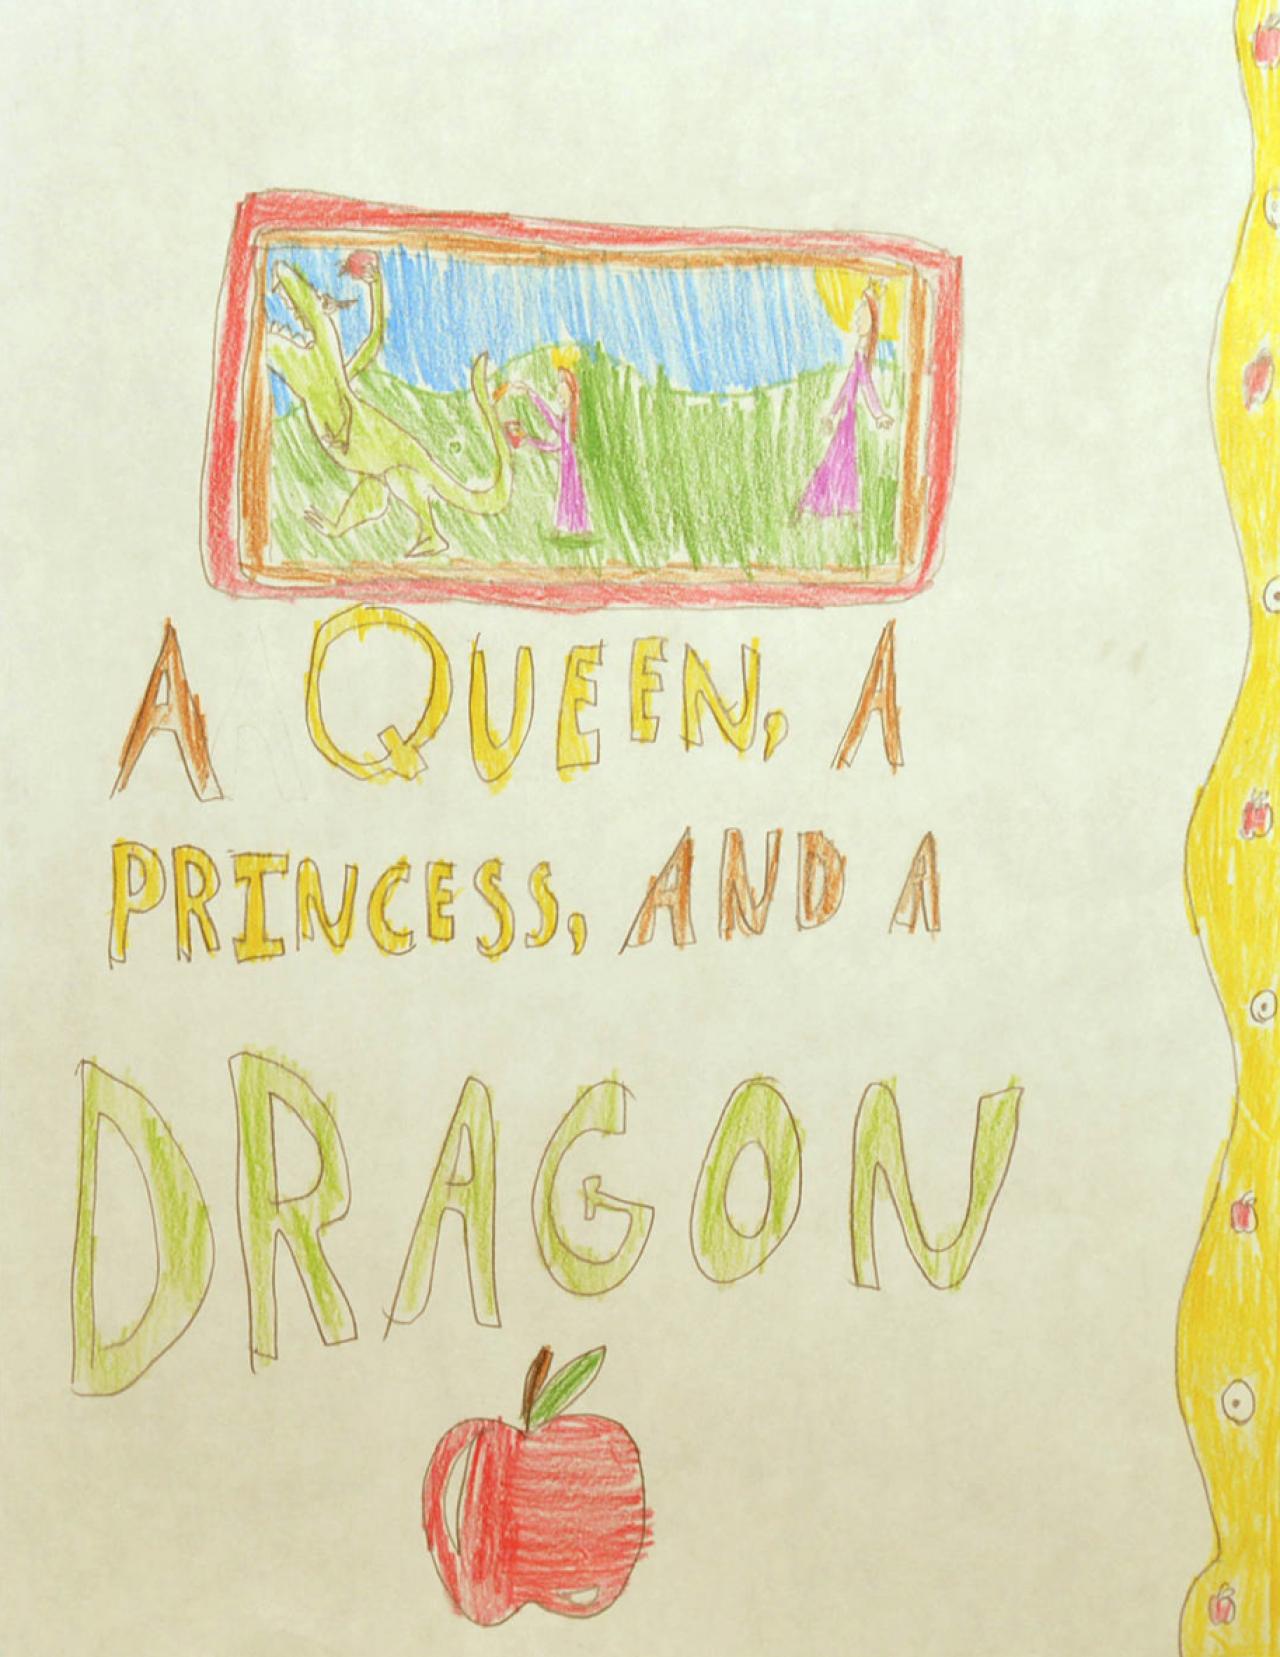 Sarah Felio A Queen, a Princess and a Dragon